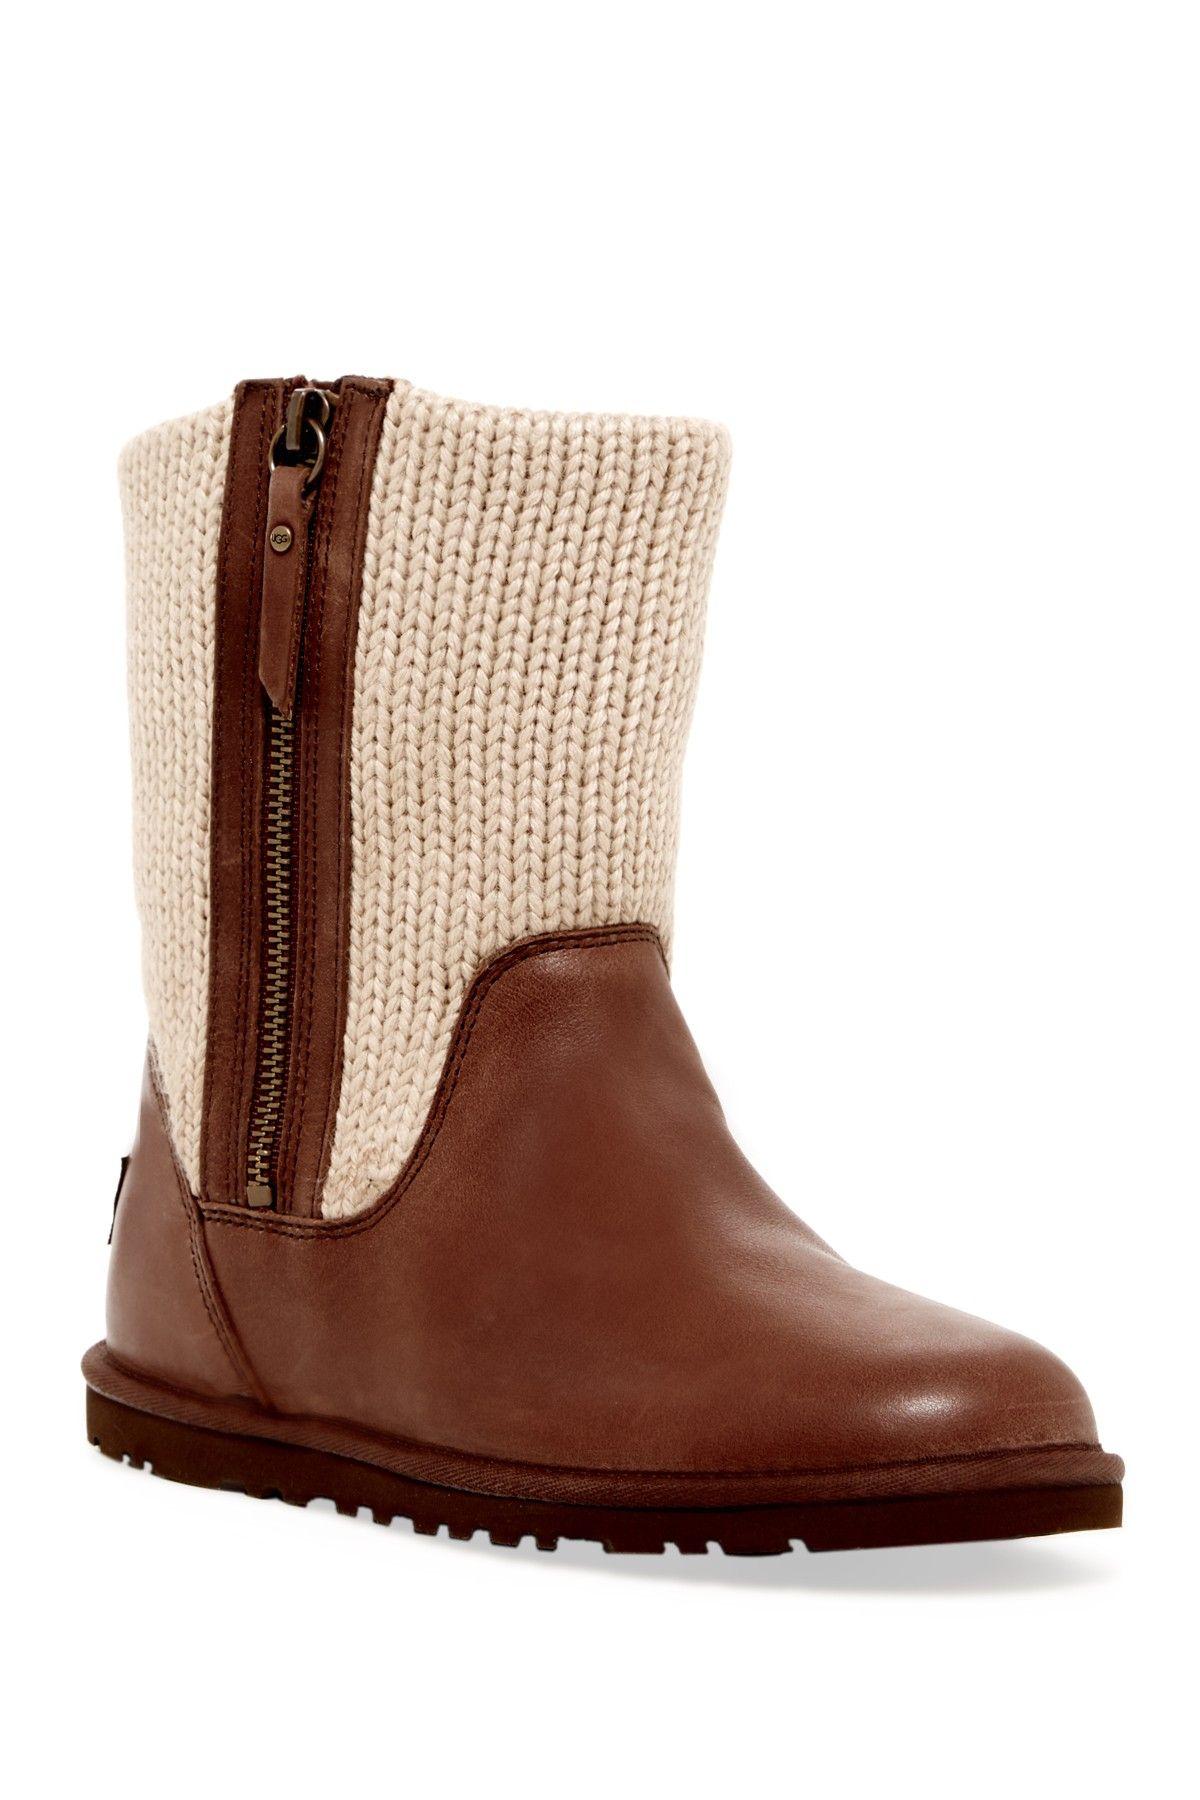 0e601736191 UGG Australia | Rosalie Knit Boot | Nordstrom Rack Sponsored by ...